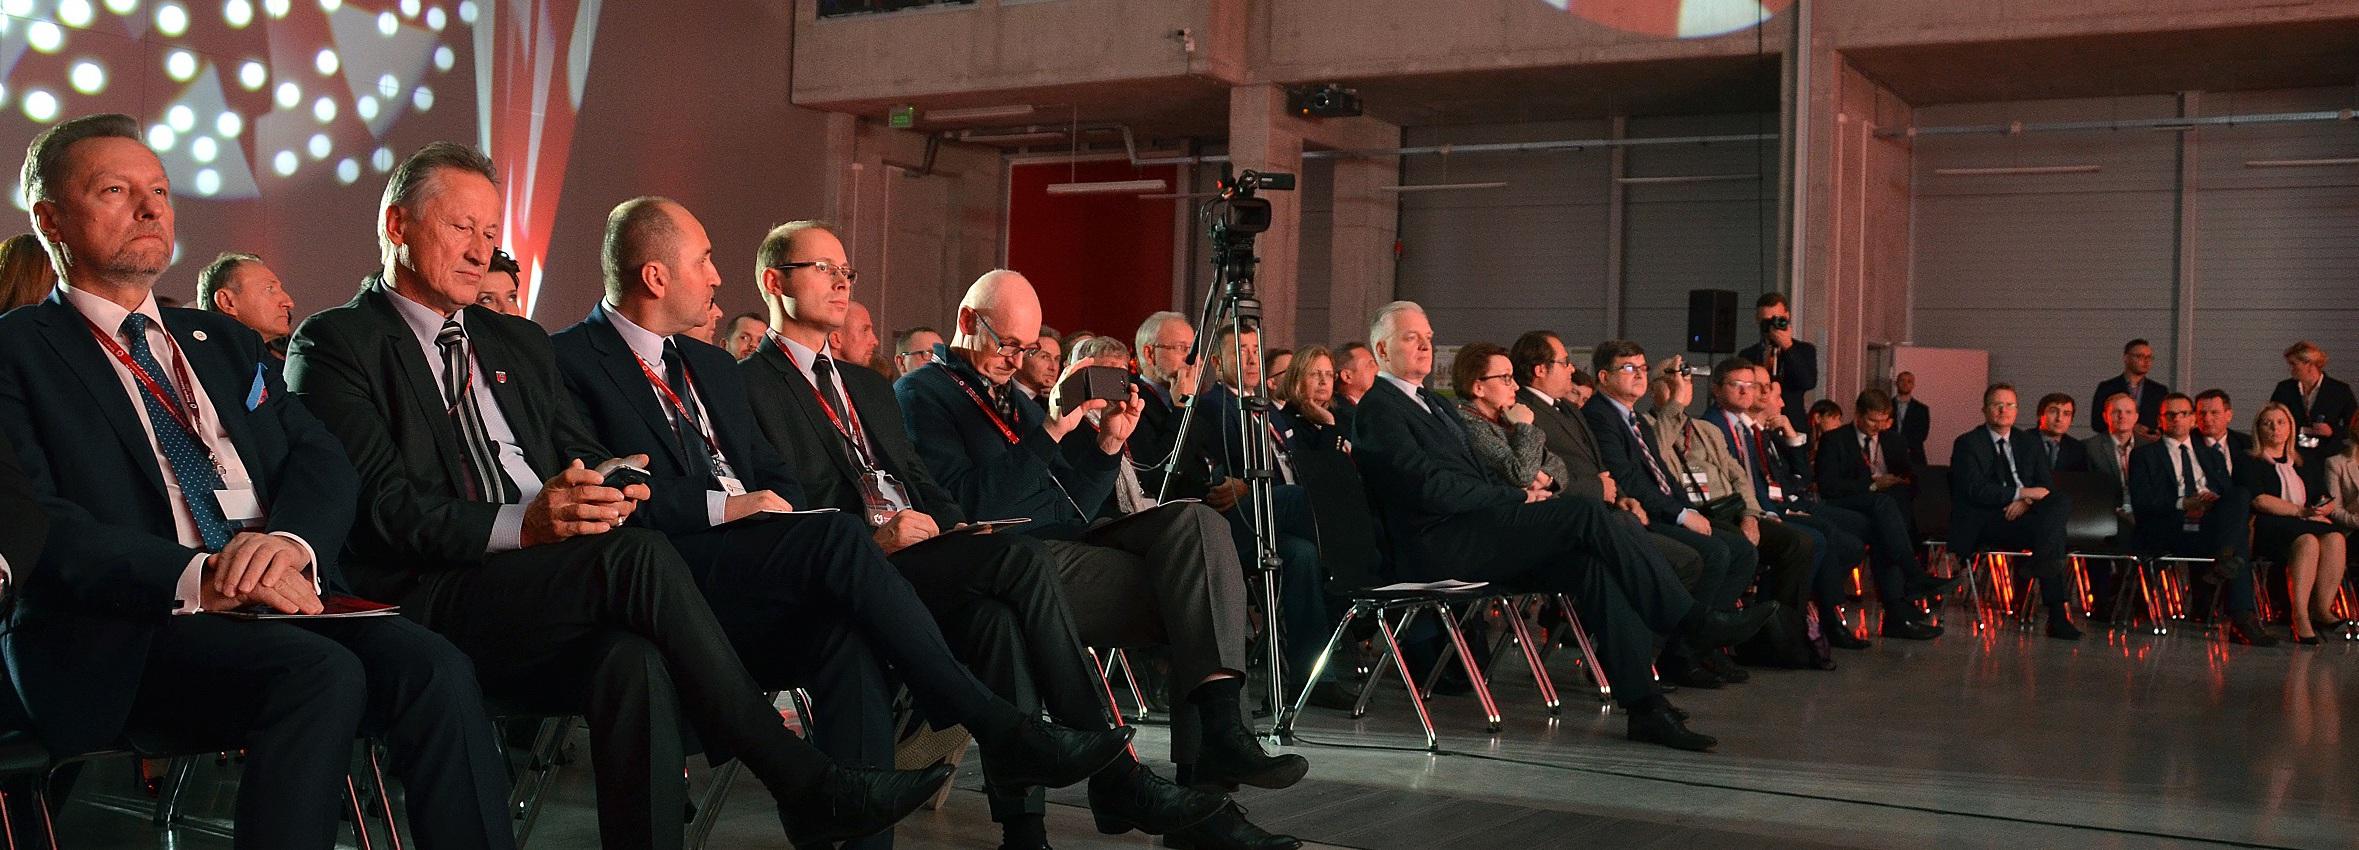 WSSE - kongres samorzadowy (2)